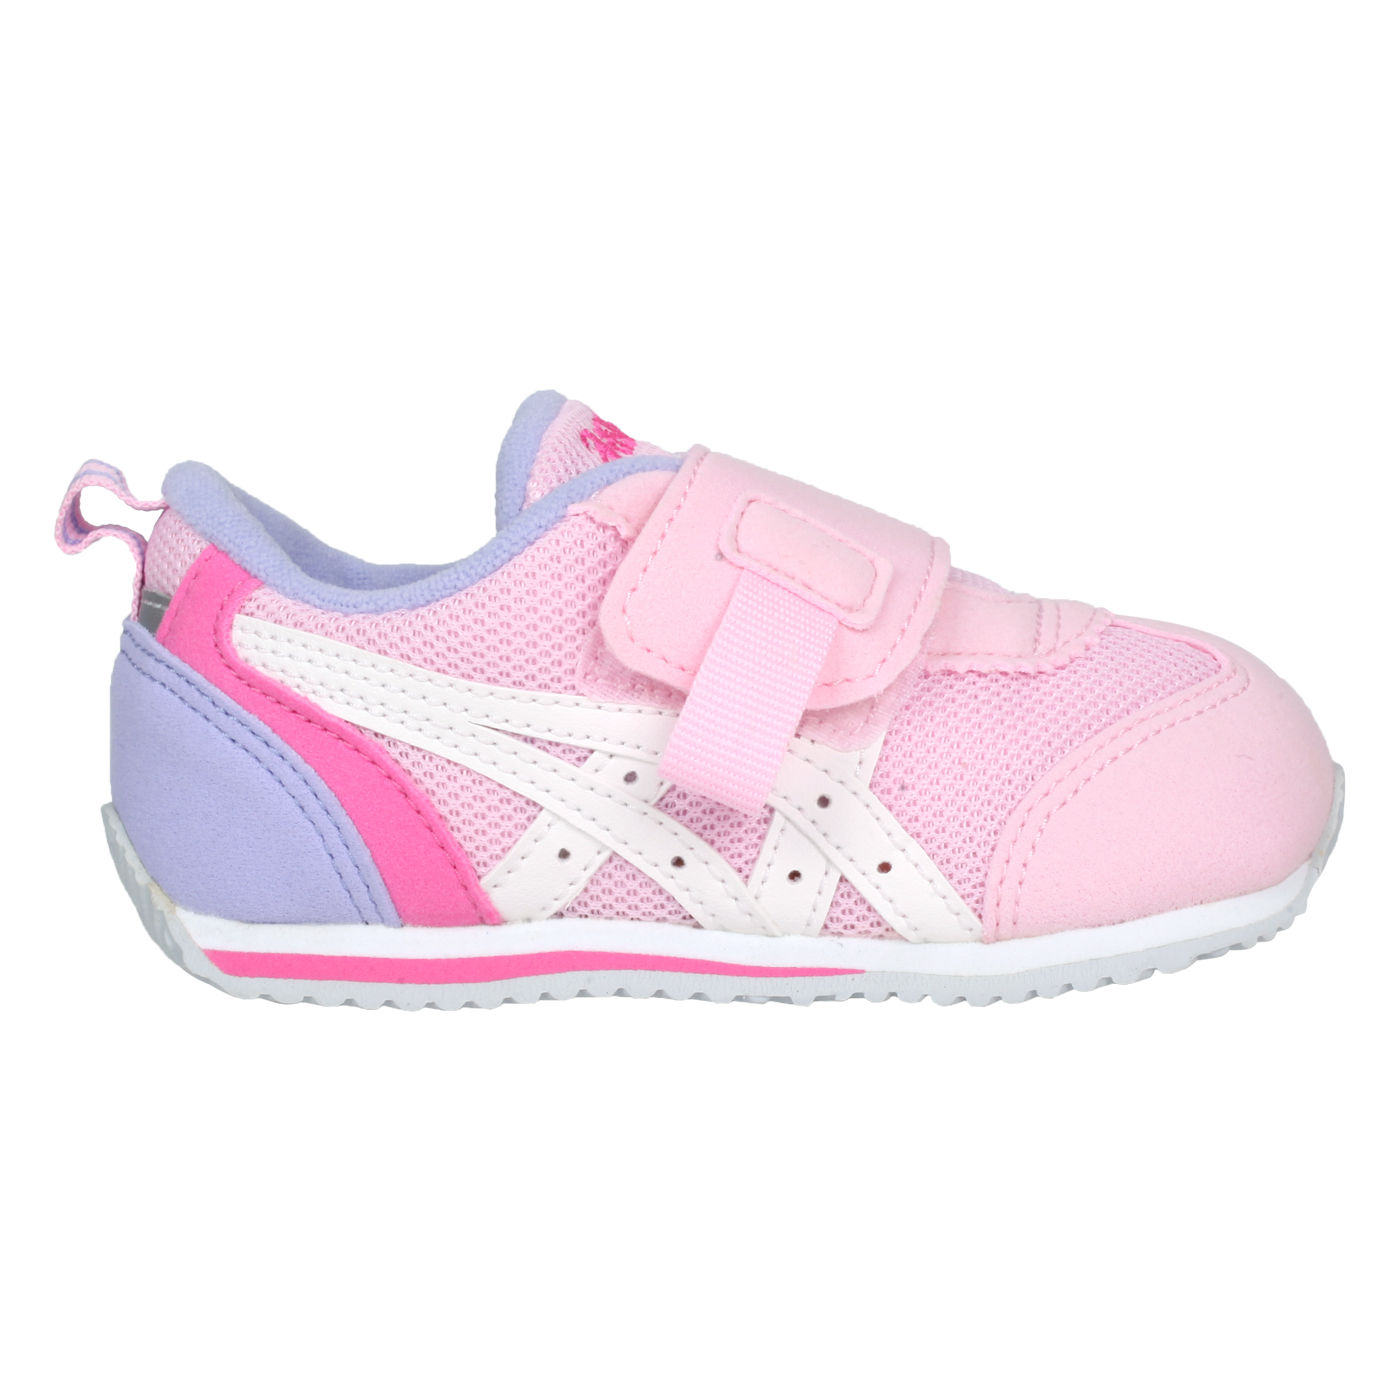 ASICS 小童運動鞋  @IDAHO BABY KT-ES 2@1144A082-700